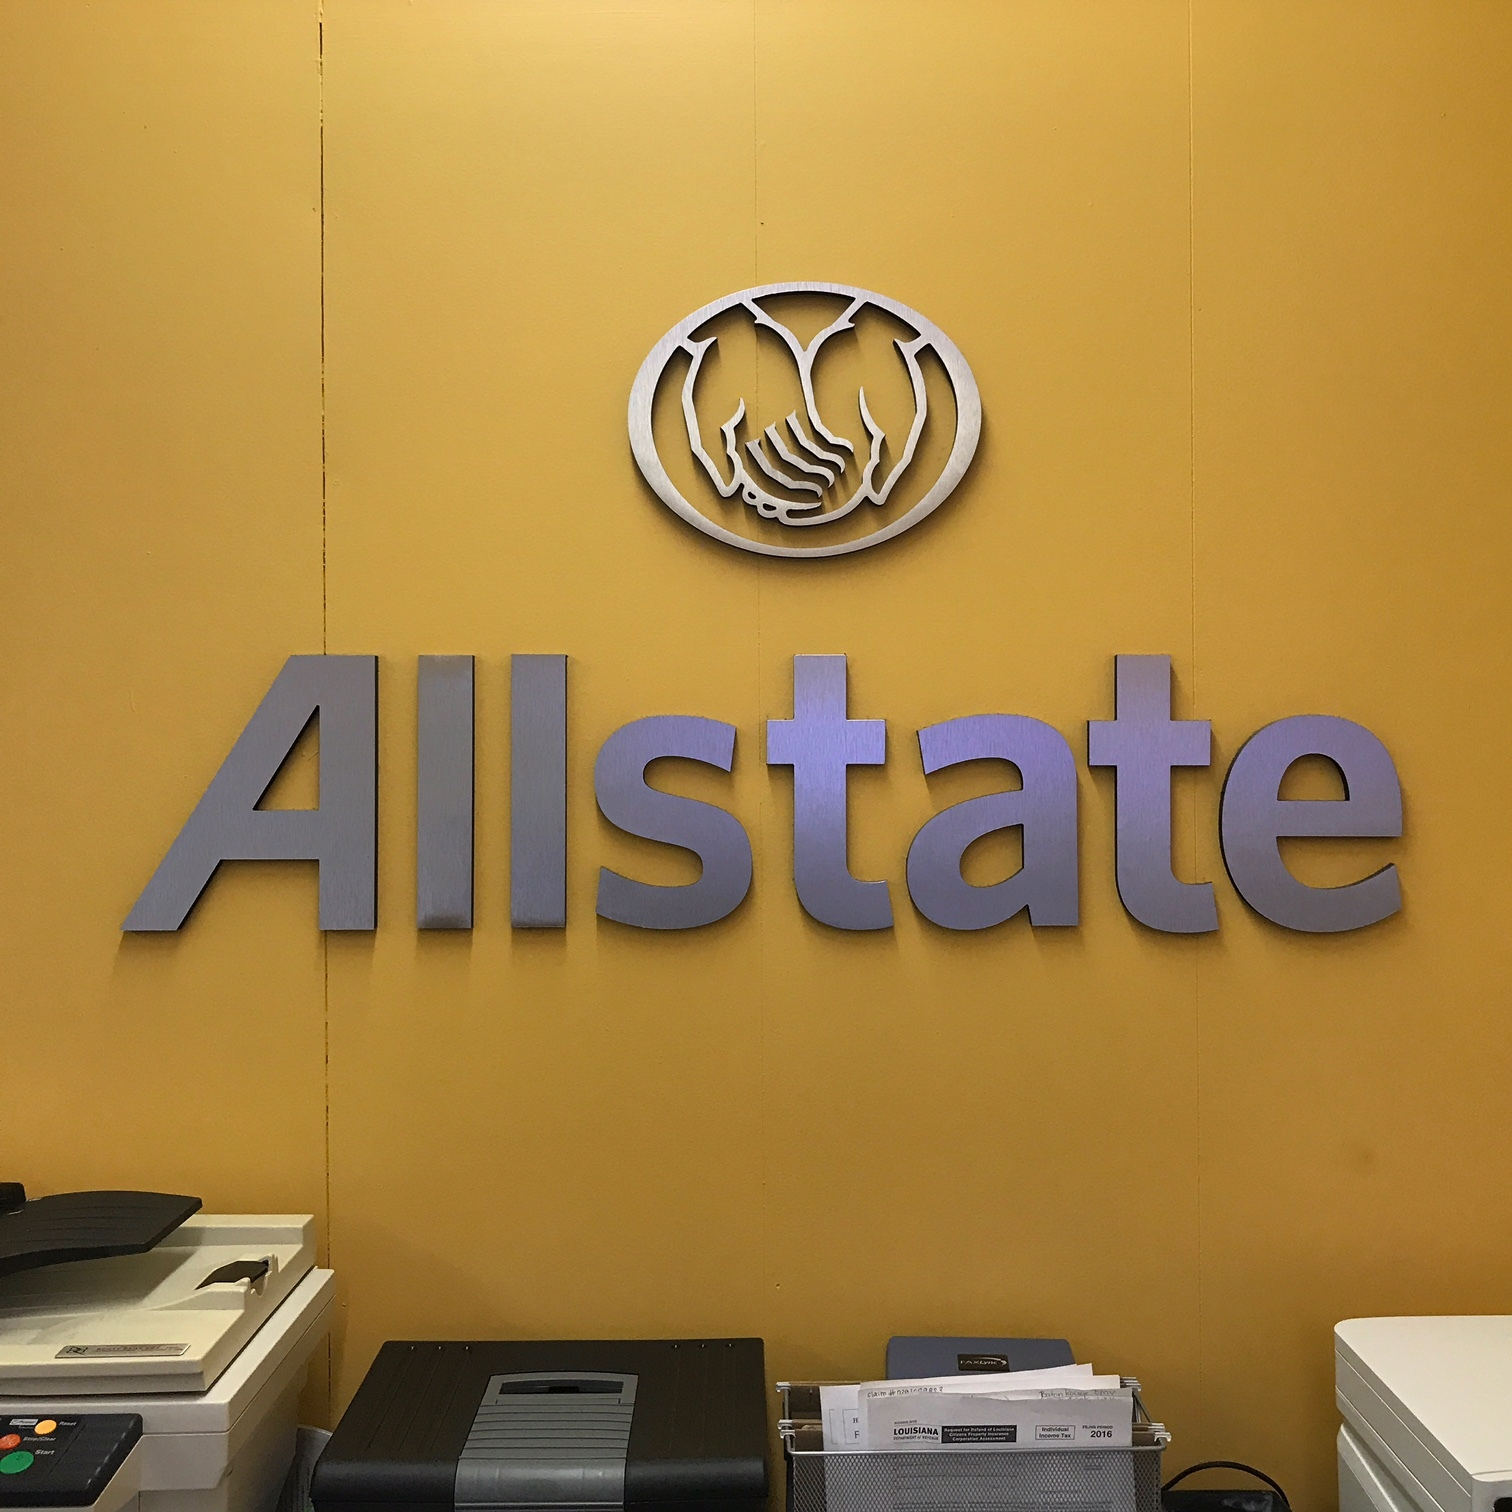 Daniel Durand: Allstate Insurance, Plaquemine Louisiana ... Allstate